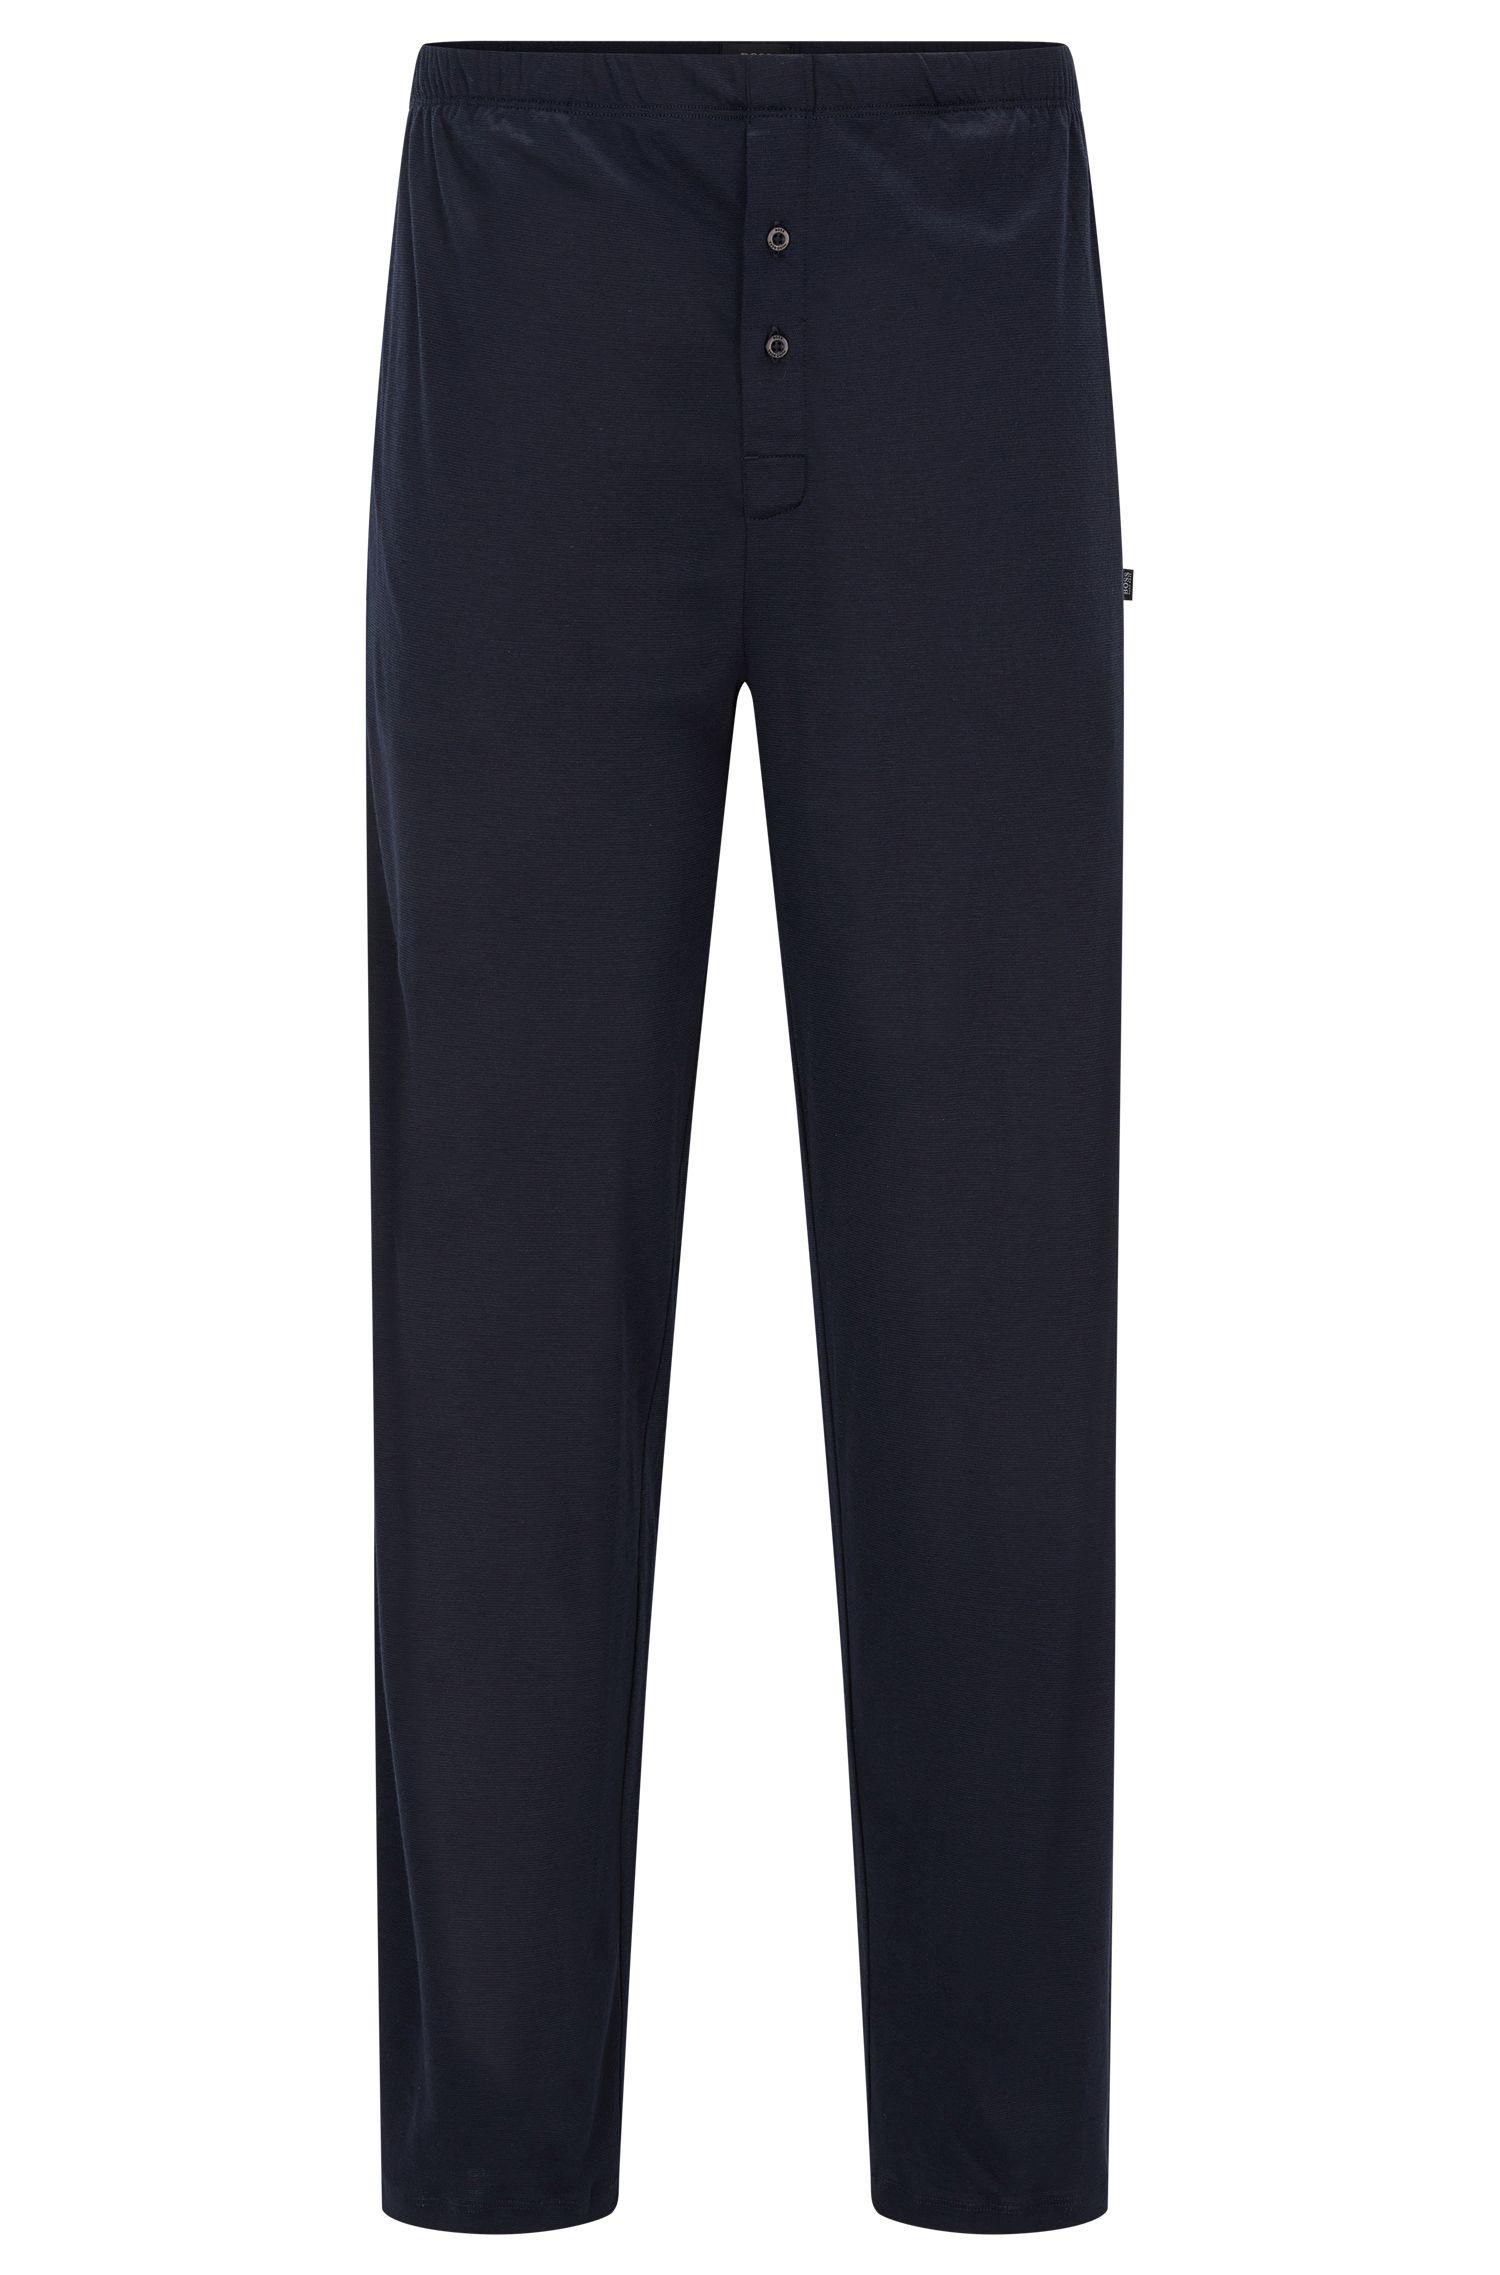 Pantalón de pijama en algodón y modal